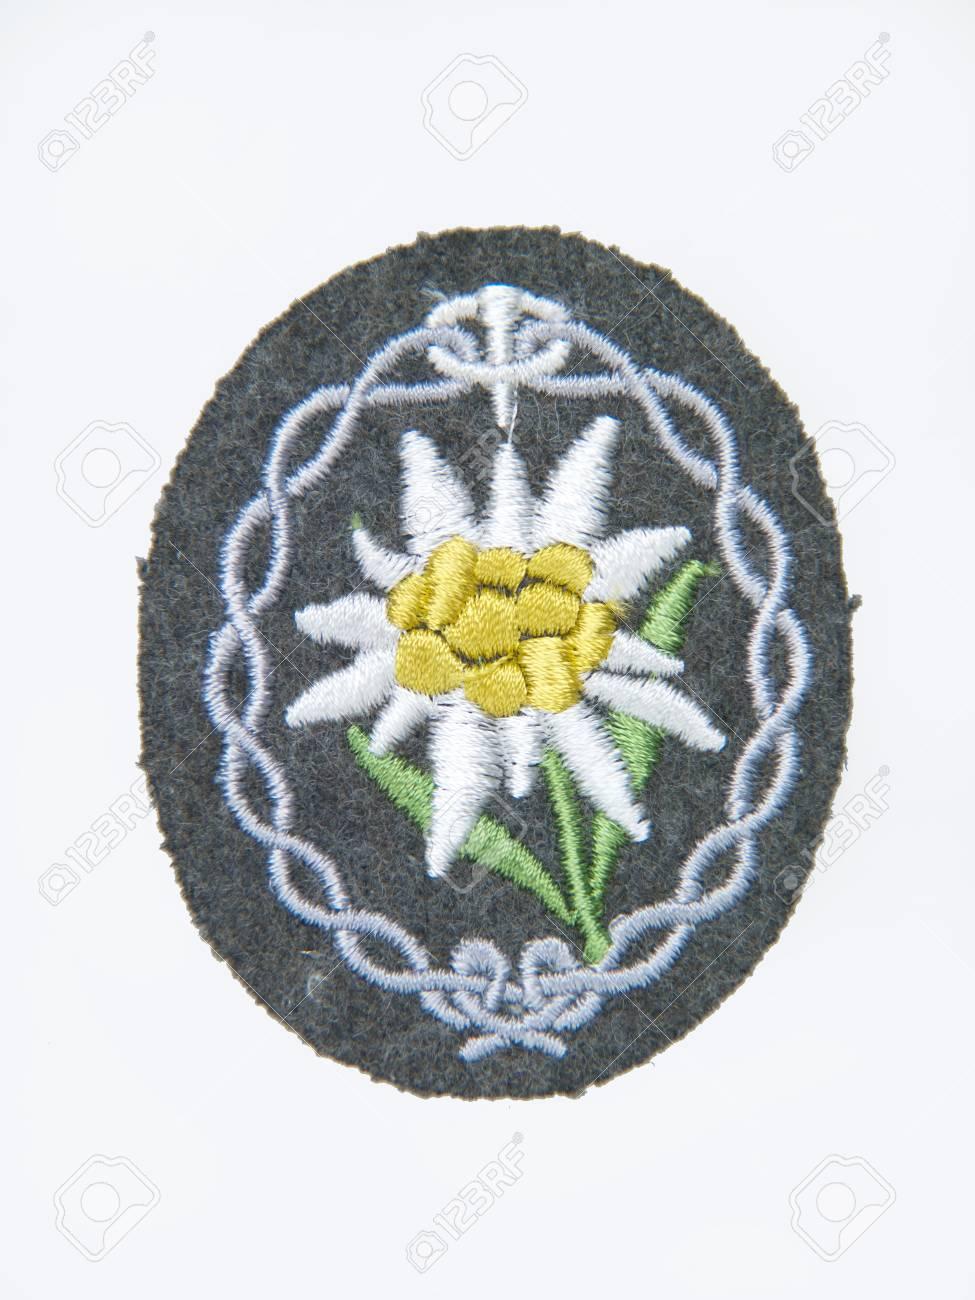 Military photo icon on a white background Stock Photo - 17668565